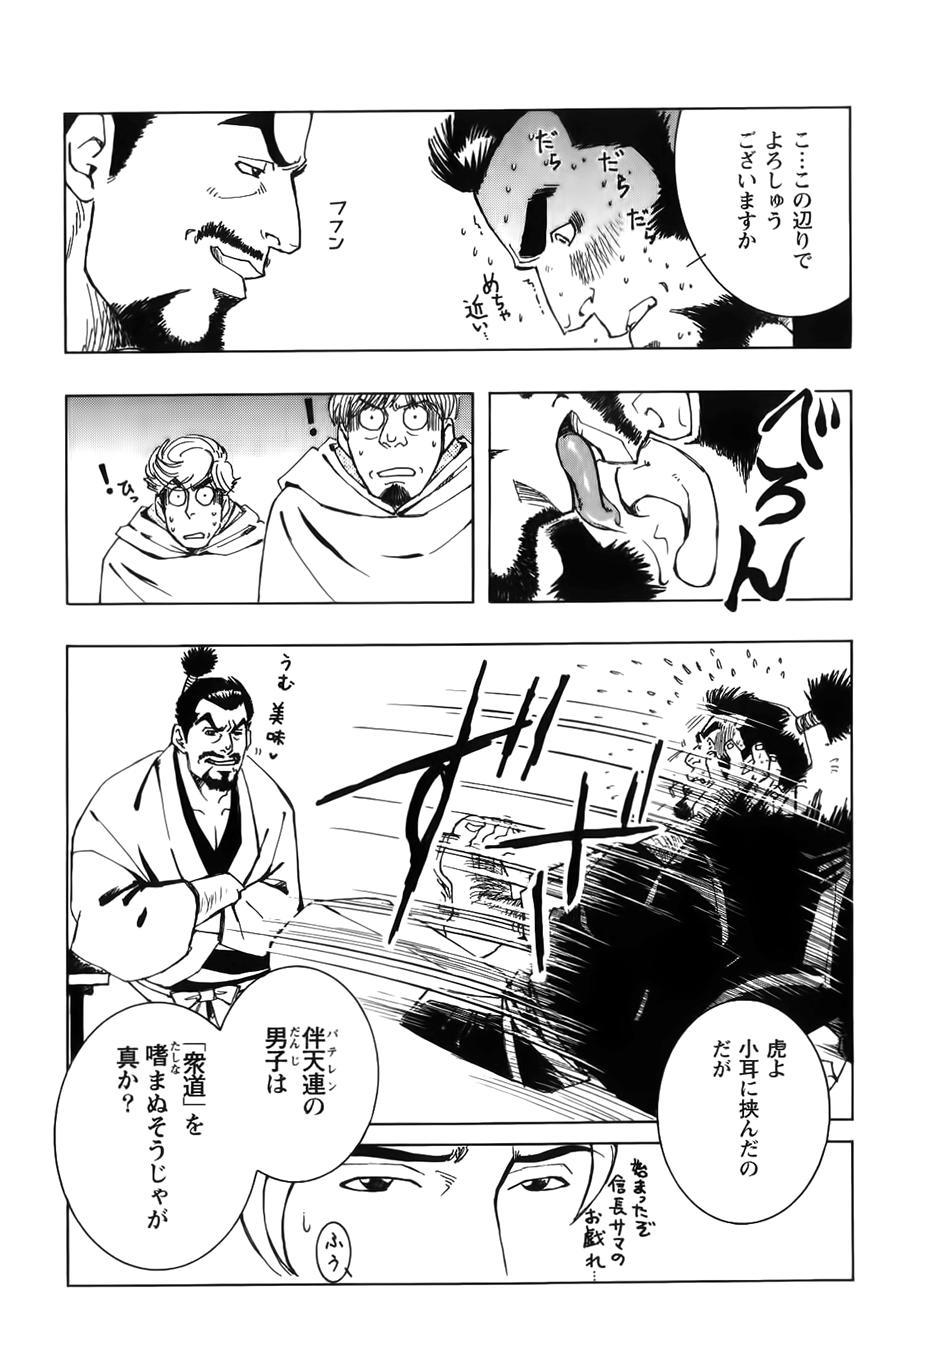 Nobunaga's lotion man 3